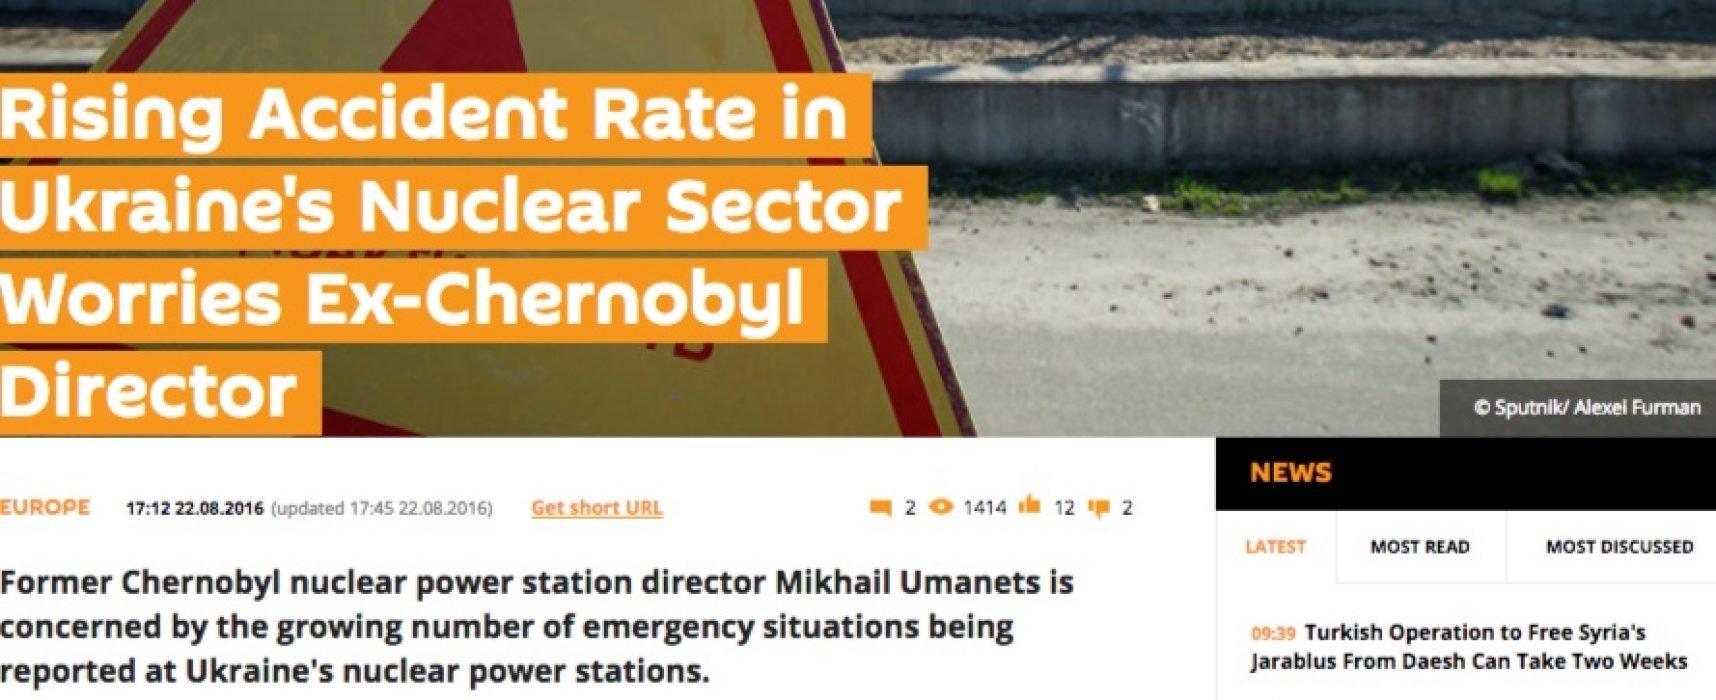 Фейк: Атомната енергетика на Украйна е в колапс